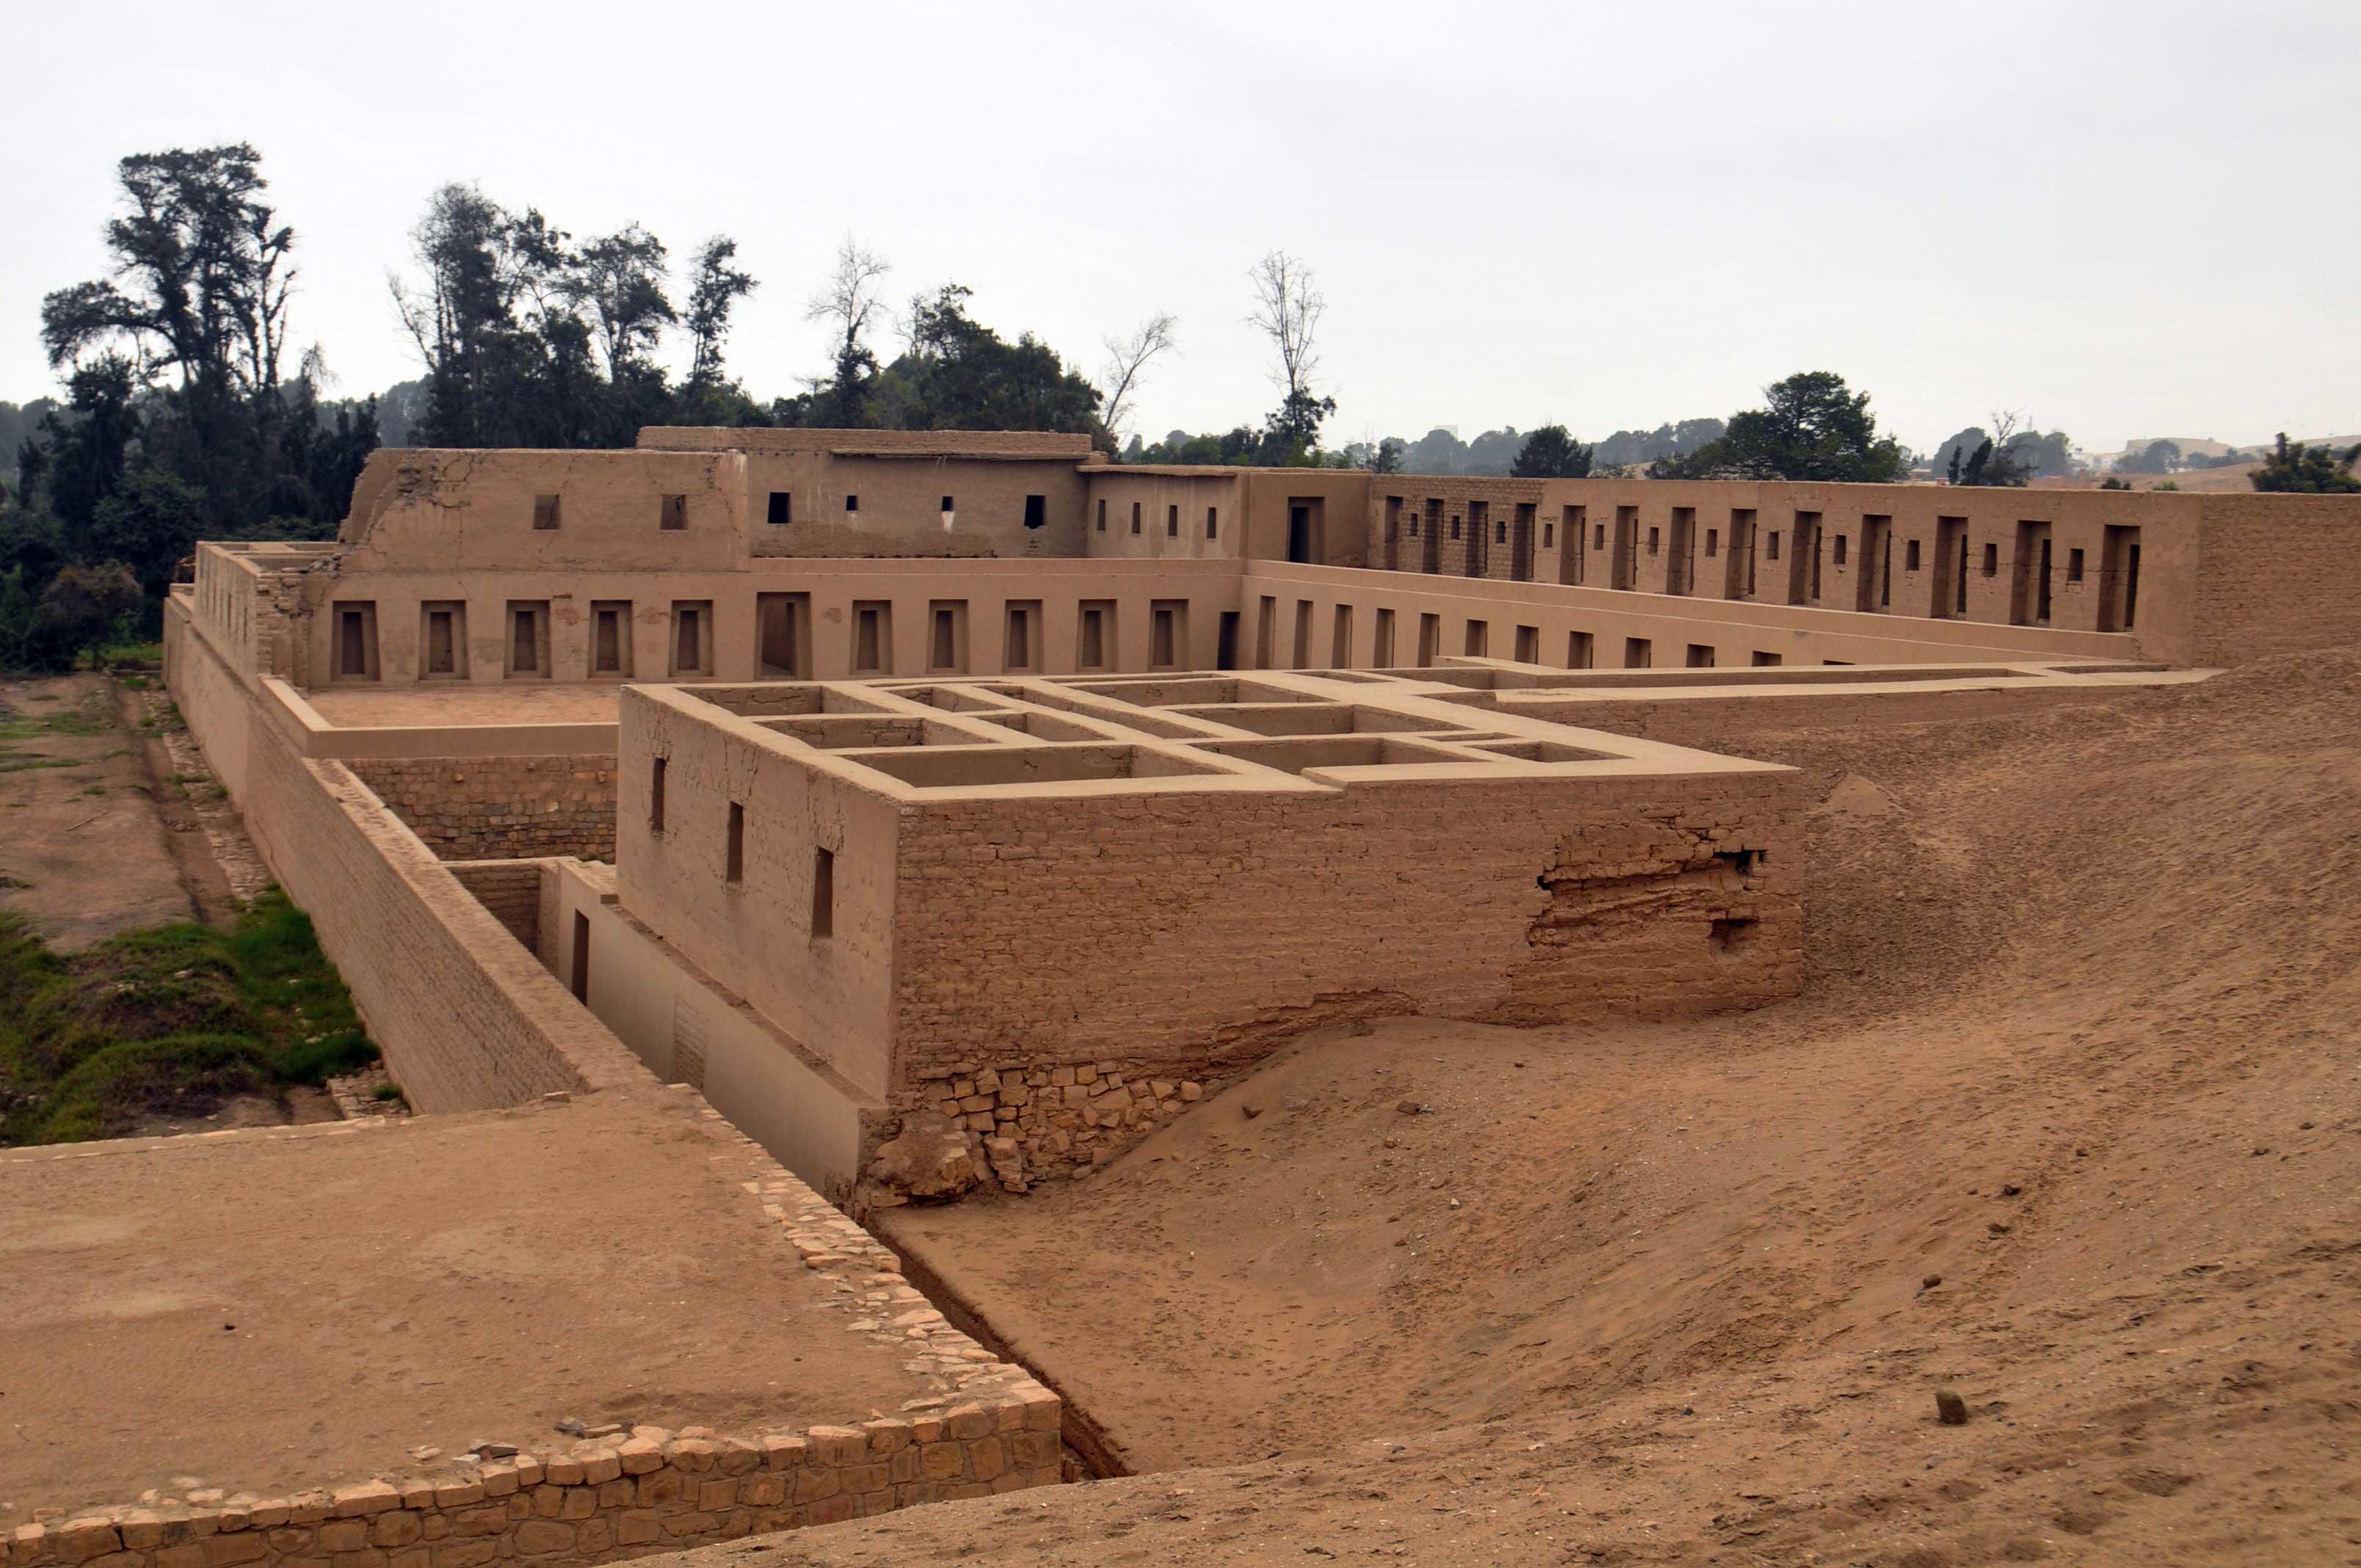 sanctuaire-archeologique-de-pachacamac